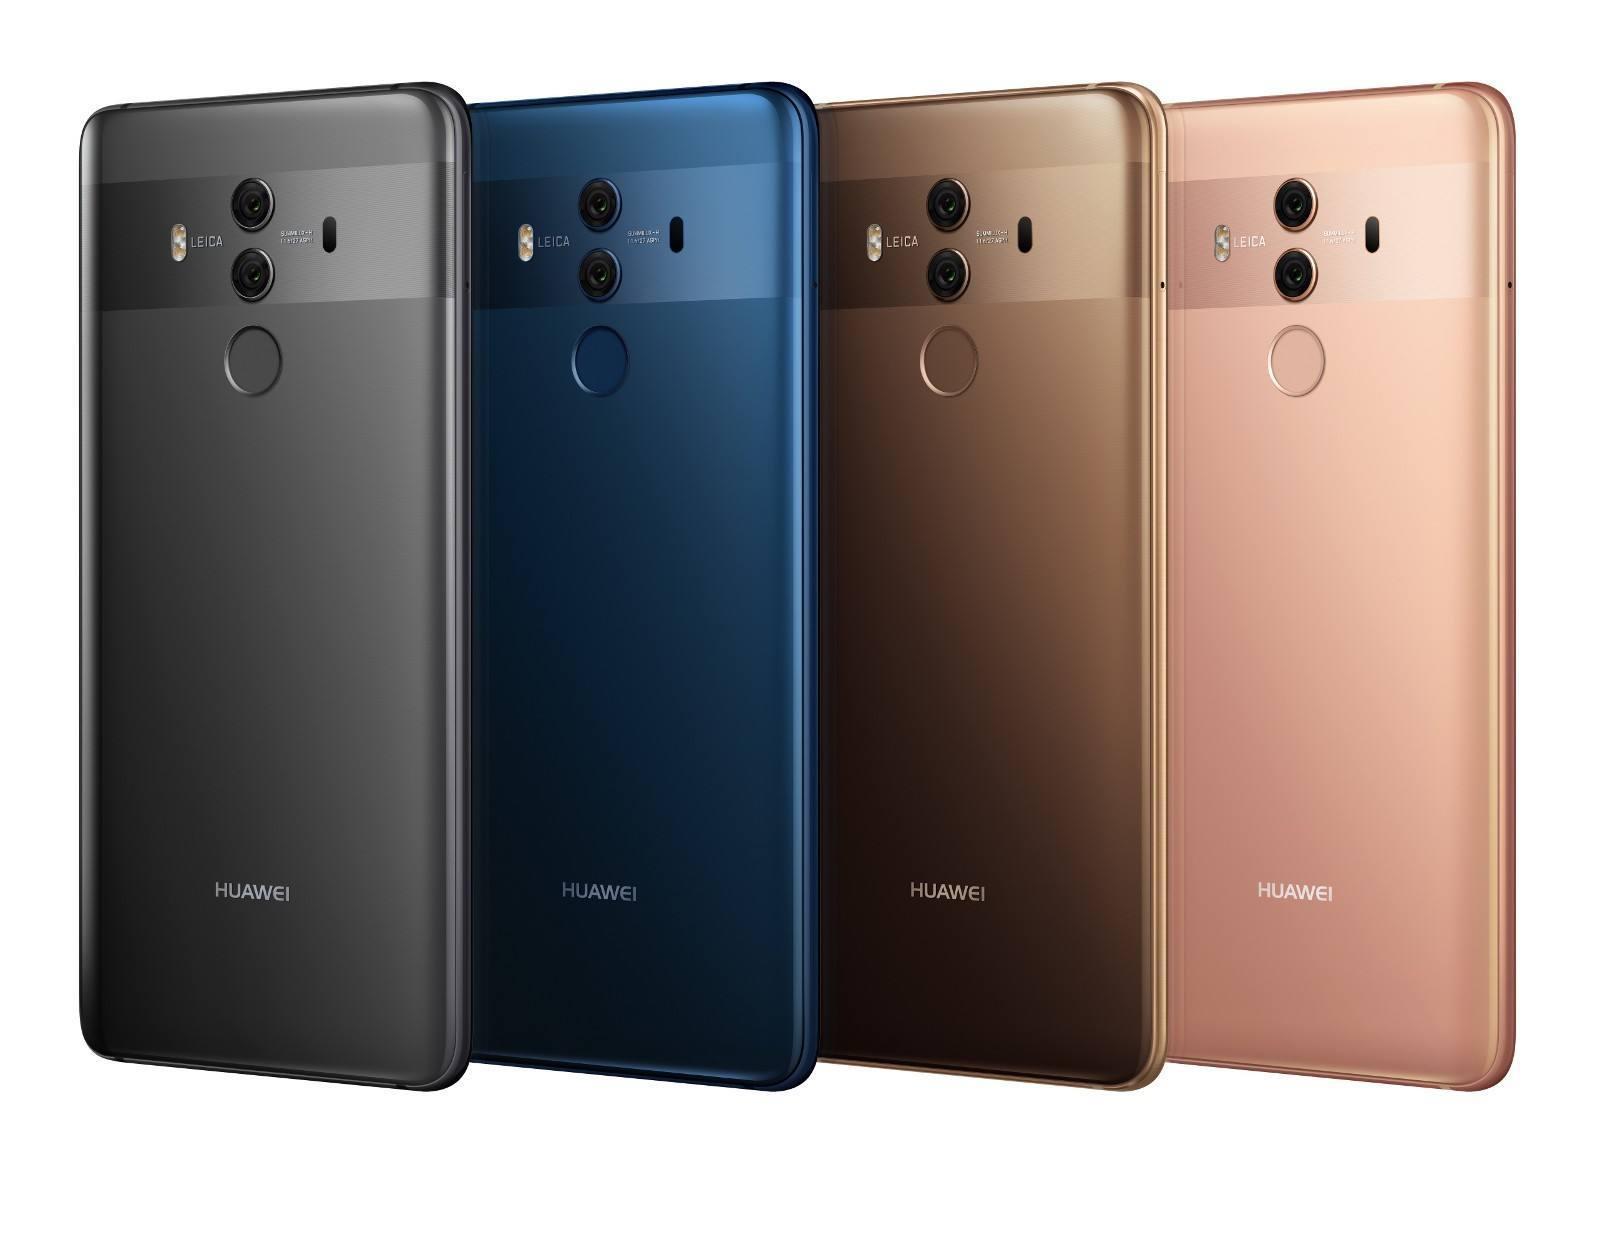 华为手机 五大系列22款机型,最高售价12999元